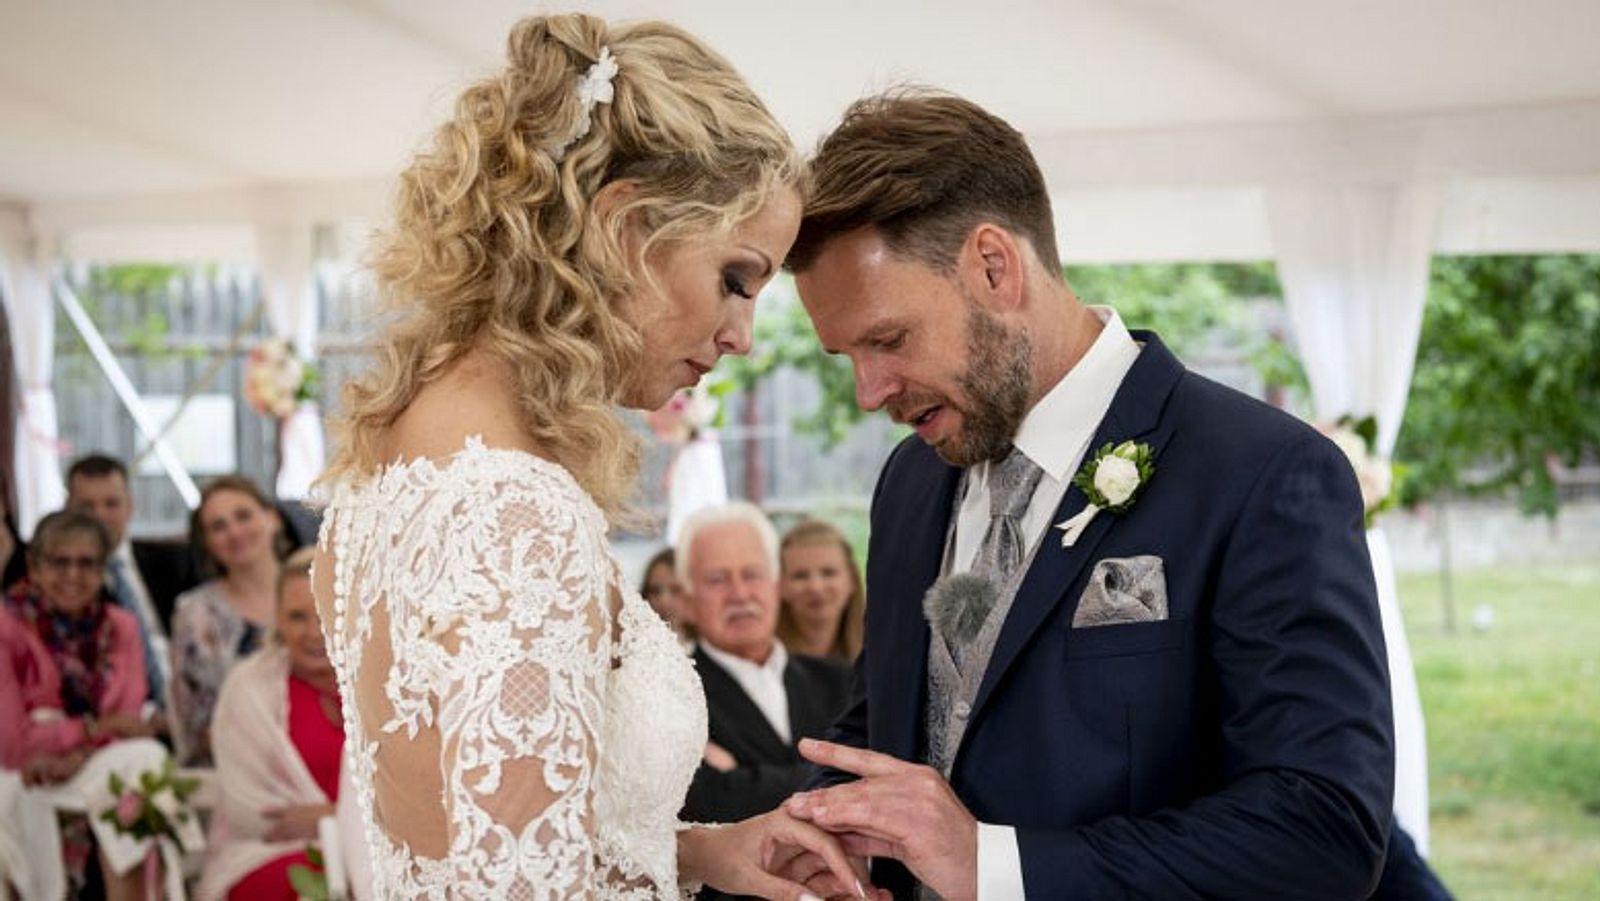 Hochzeit auf den ersten Blick: Liebes-Aus bei Cindy und